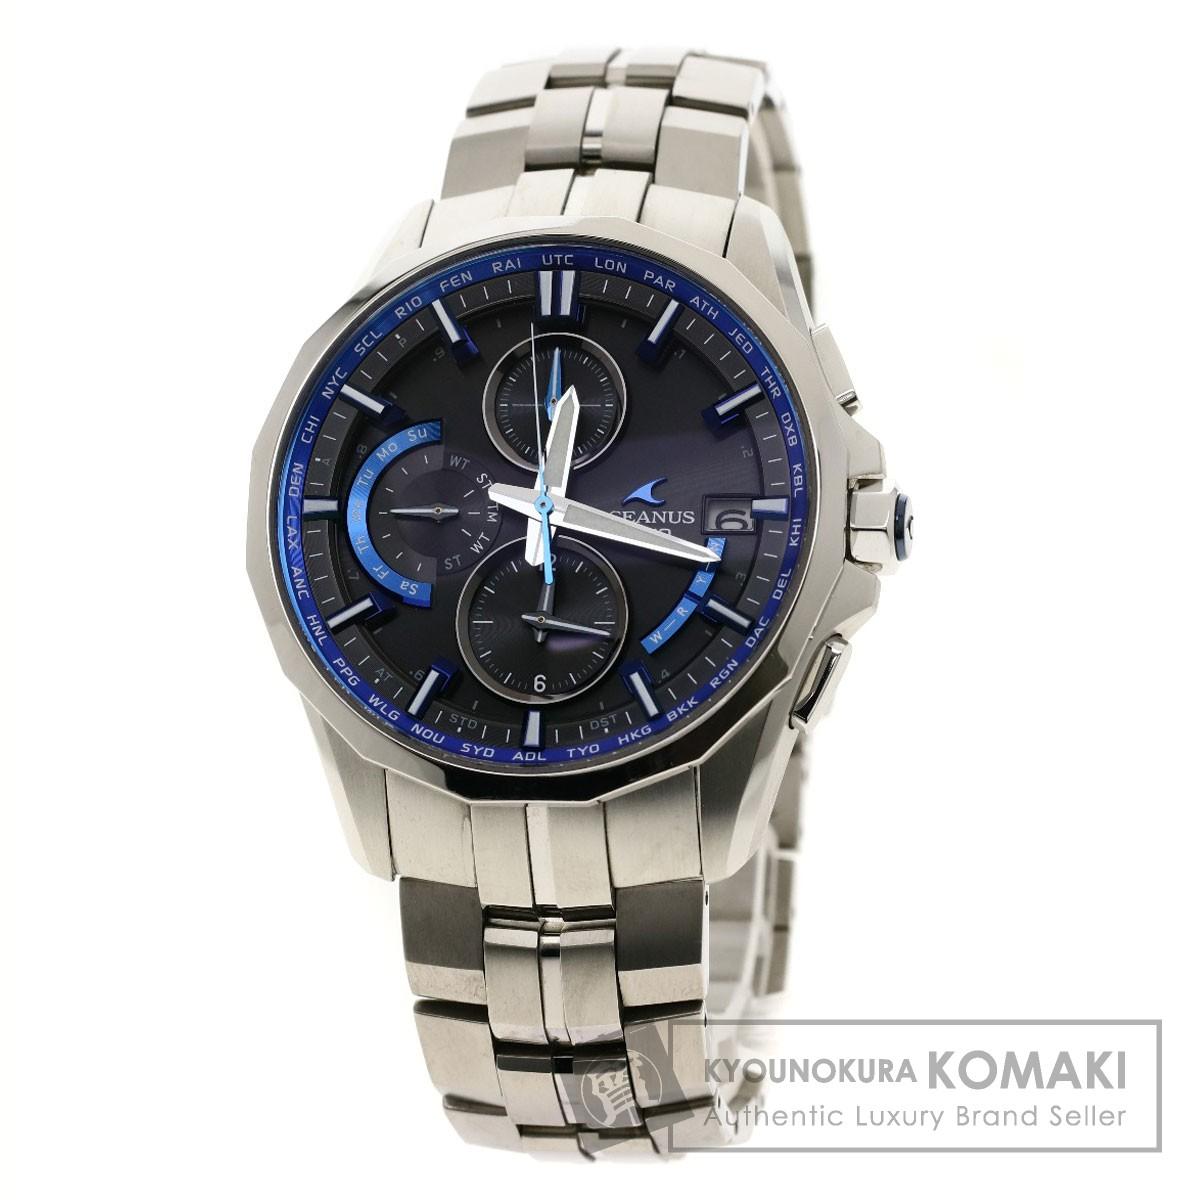 カシオ OCW-S3000 オシアナスマンタ 腕時計 チタン/チタン メンズ 【中古】【CASIO】